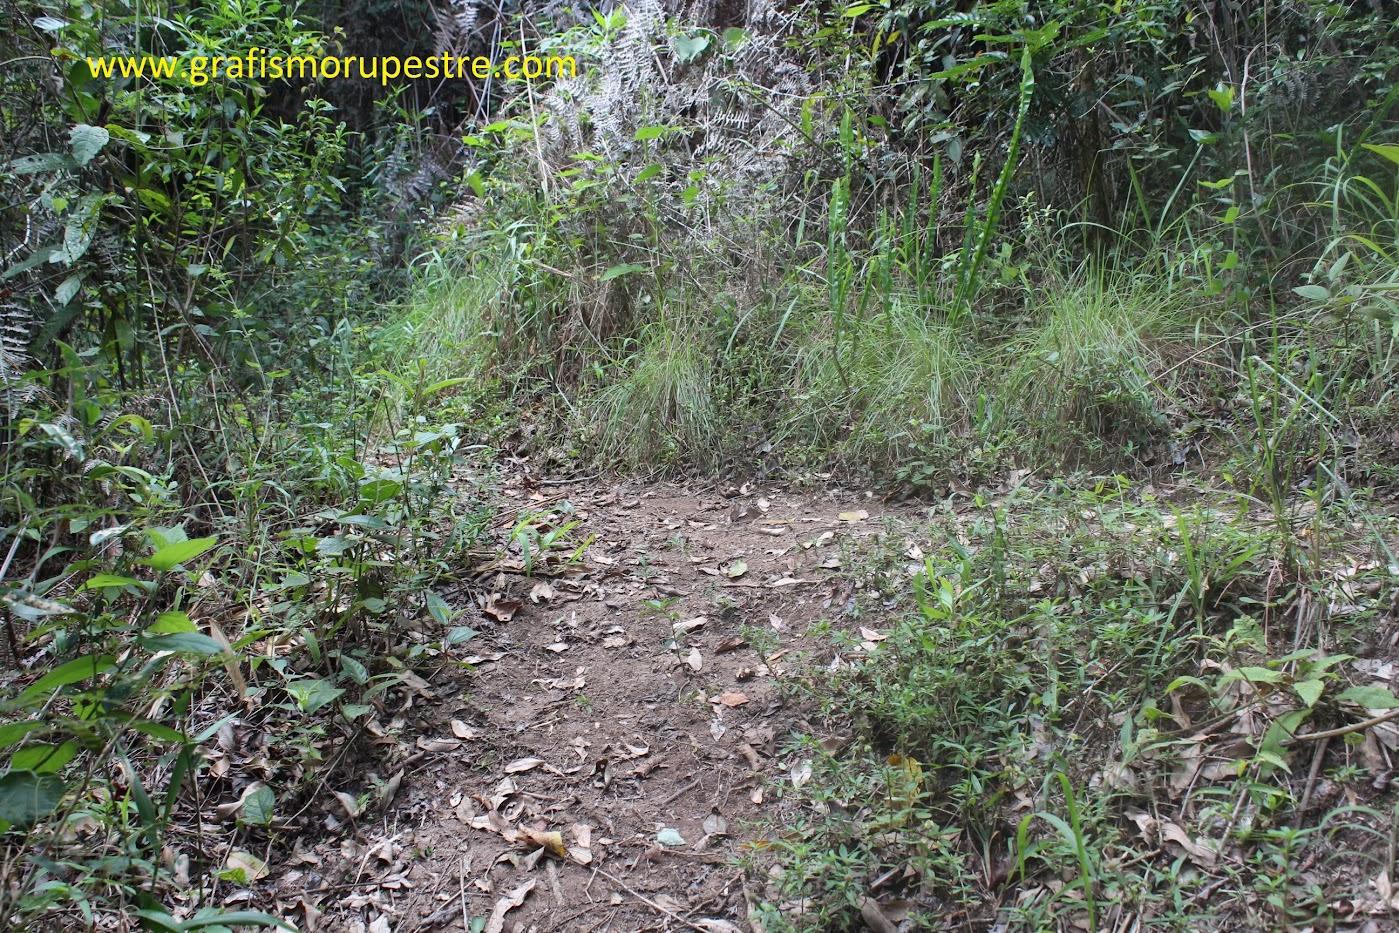 Ao chegar a este ponto de trilha perpendicular em T siga pela esquerda, se desejar visitar a Pedra do Sapo vá pela direita, uns 60m mas depois terá que voltar a este ponto.